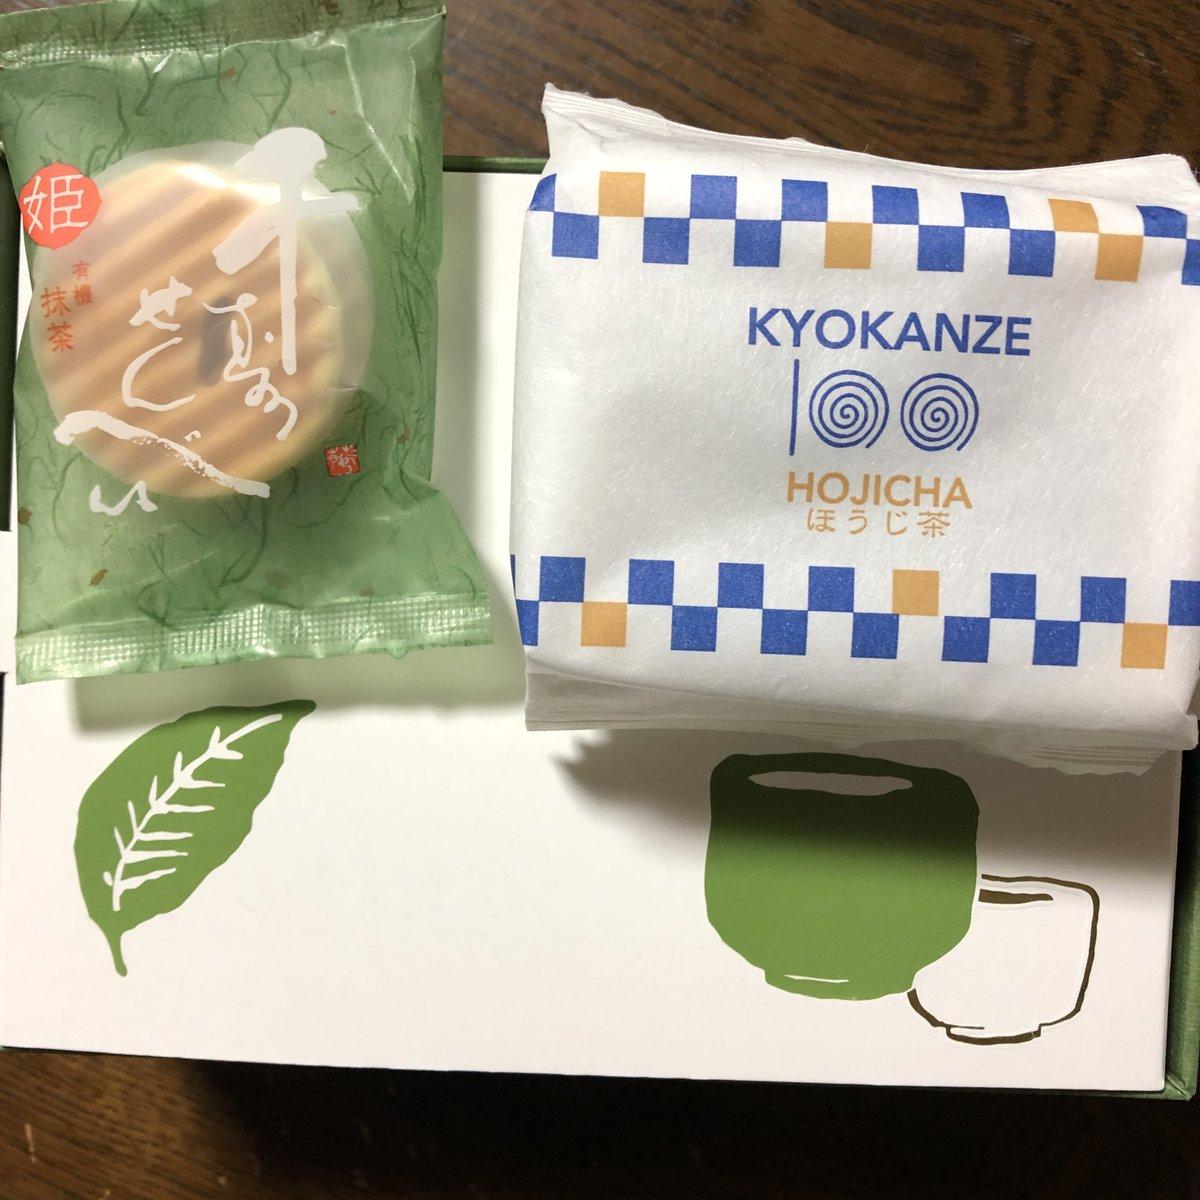 test ツイッターメディア - ワッフルクッキー?みたいなやつは、鼓月の千寿せんべいがいちばん好きなんですが、京都限定だっていう抹茶が売ってた 。゚+.(・∀・)゚+.゚ 超うまいー💗何枚でもたべられそう☺️ (京観世のほうじ茶味は、ほうじ茶感が弱めで…。オレンジの方がお気に入り。冬場の珈琲味に期待) https://t.co/RQbGoQSznz